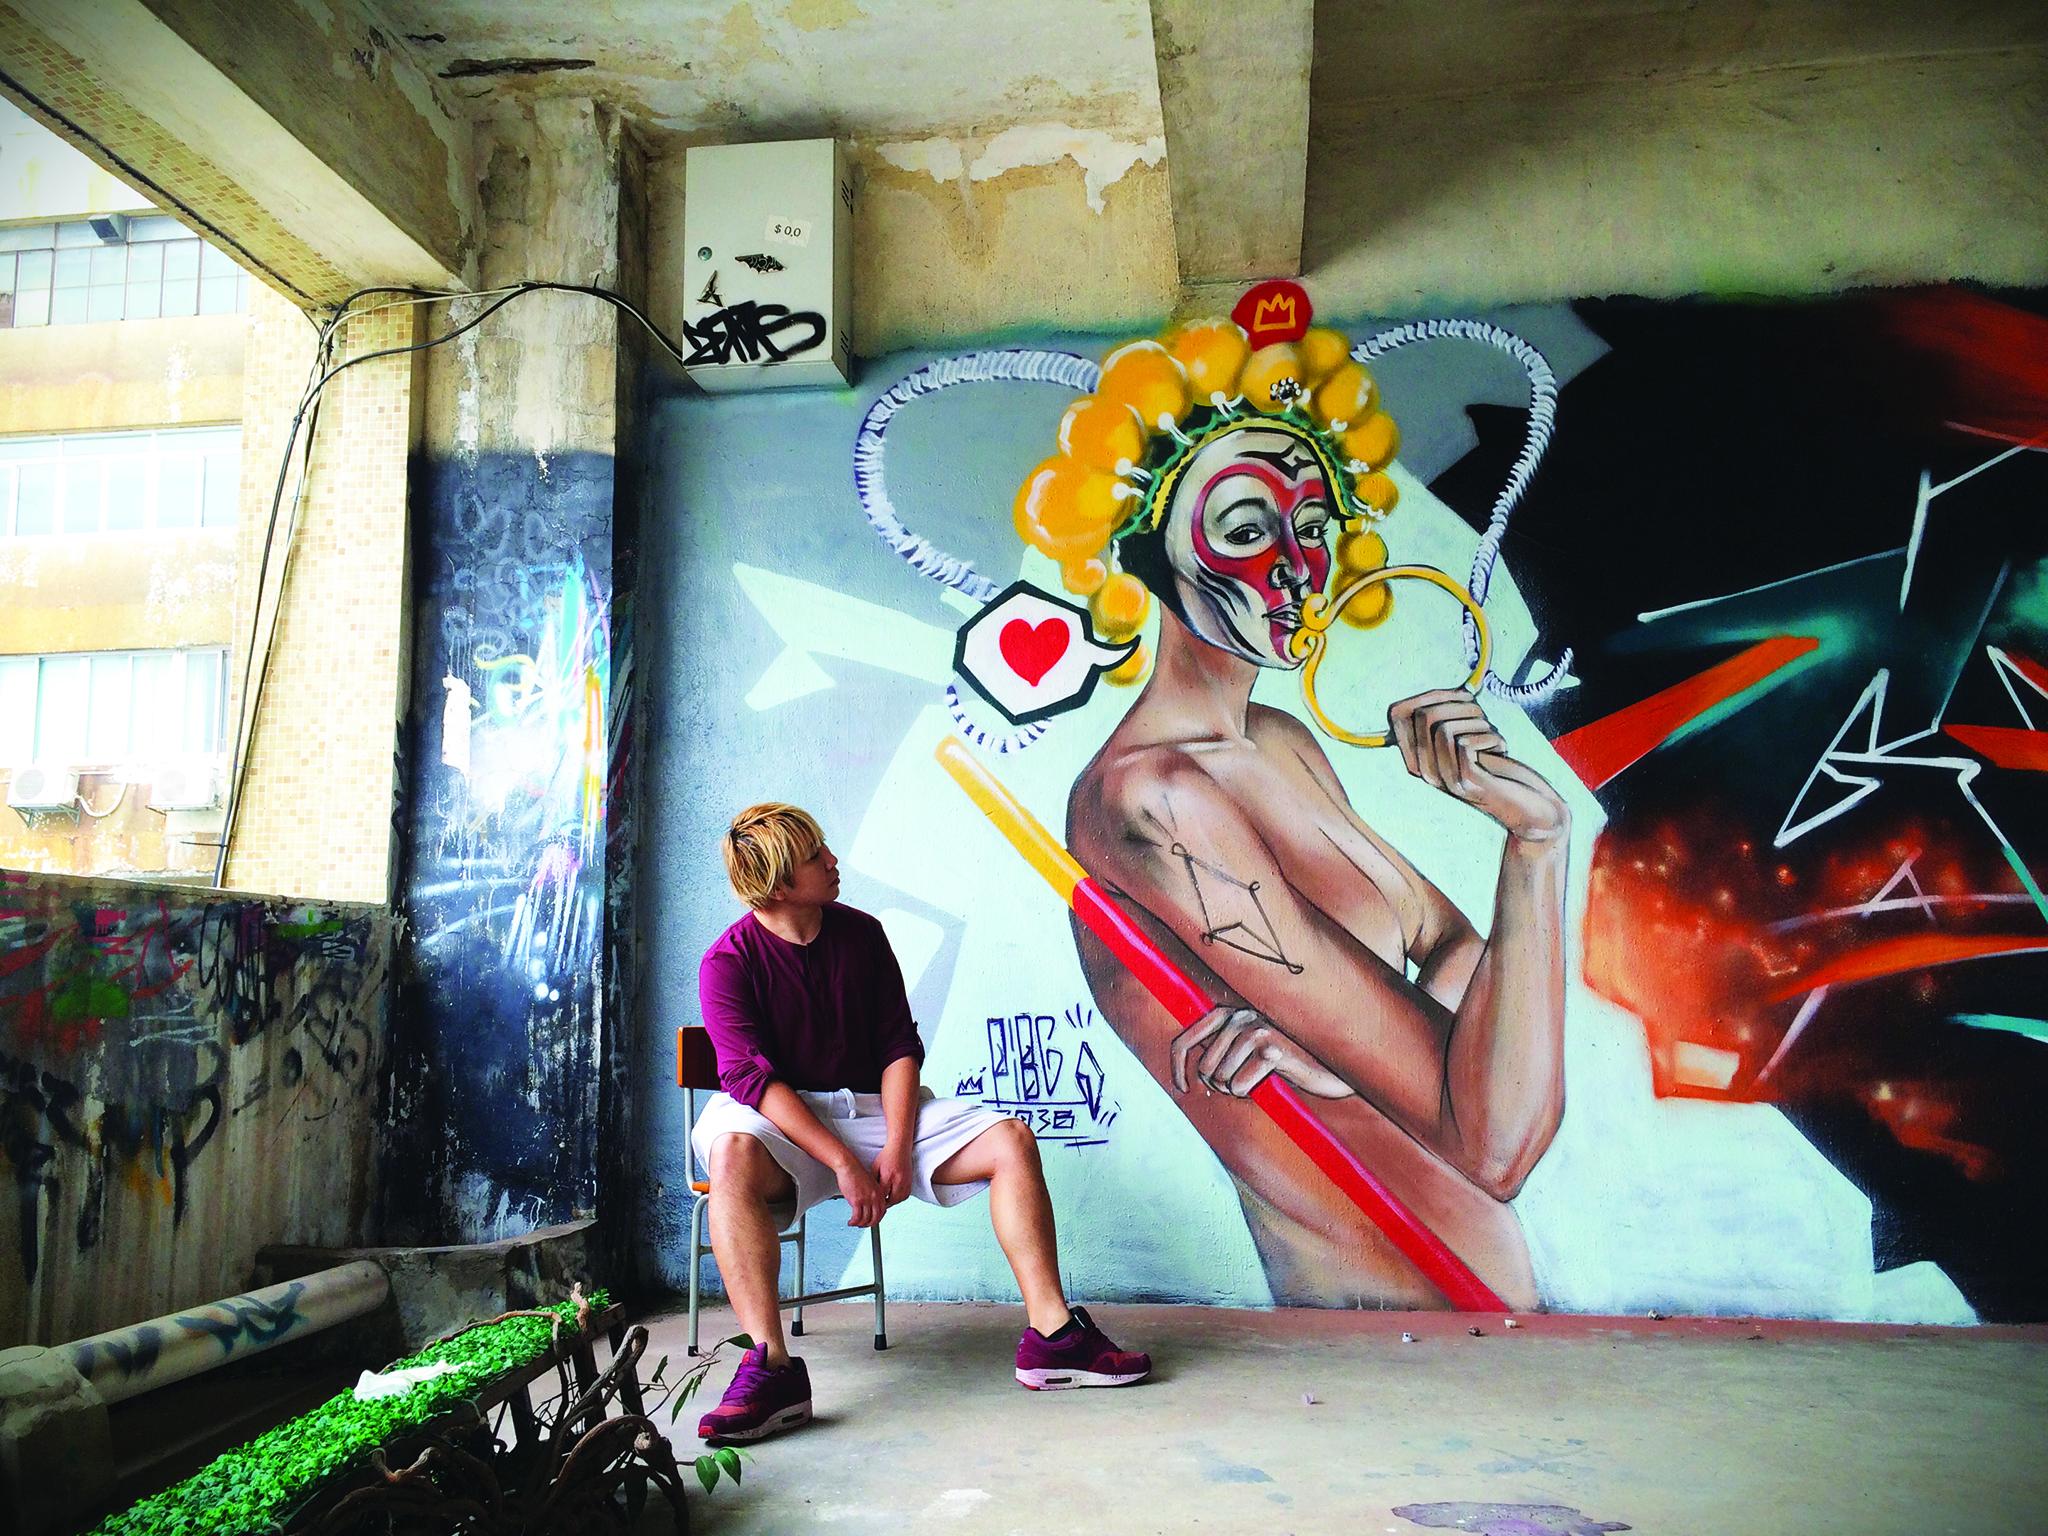 Graffiti   Arte de rua dá passos tímidos em Macau